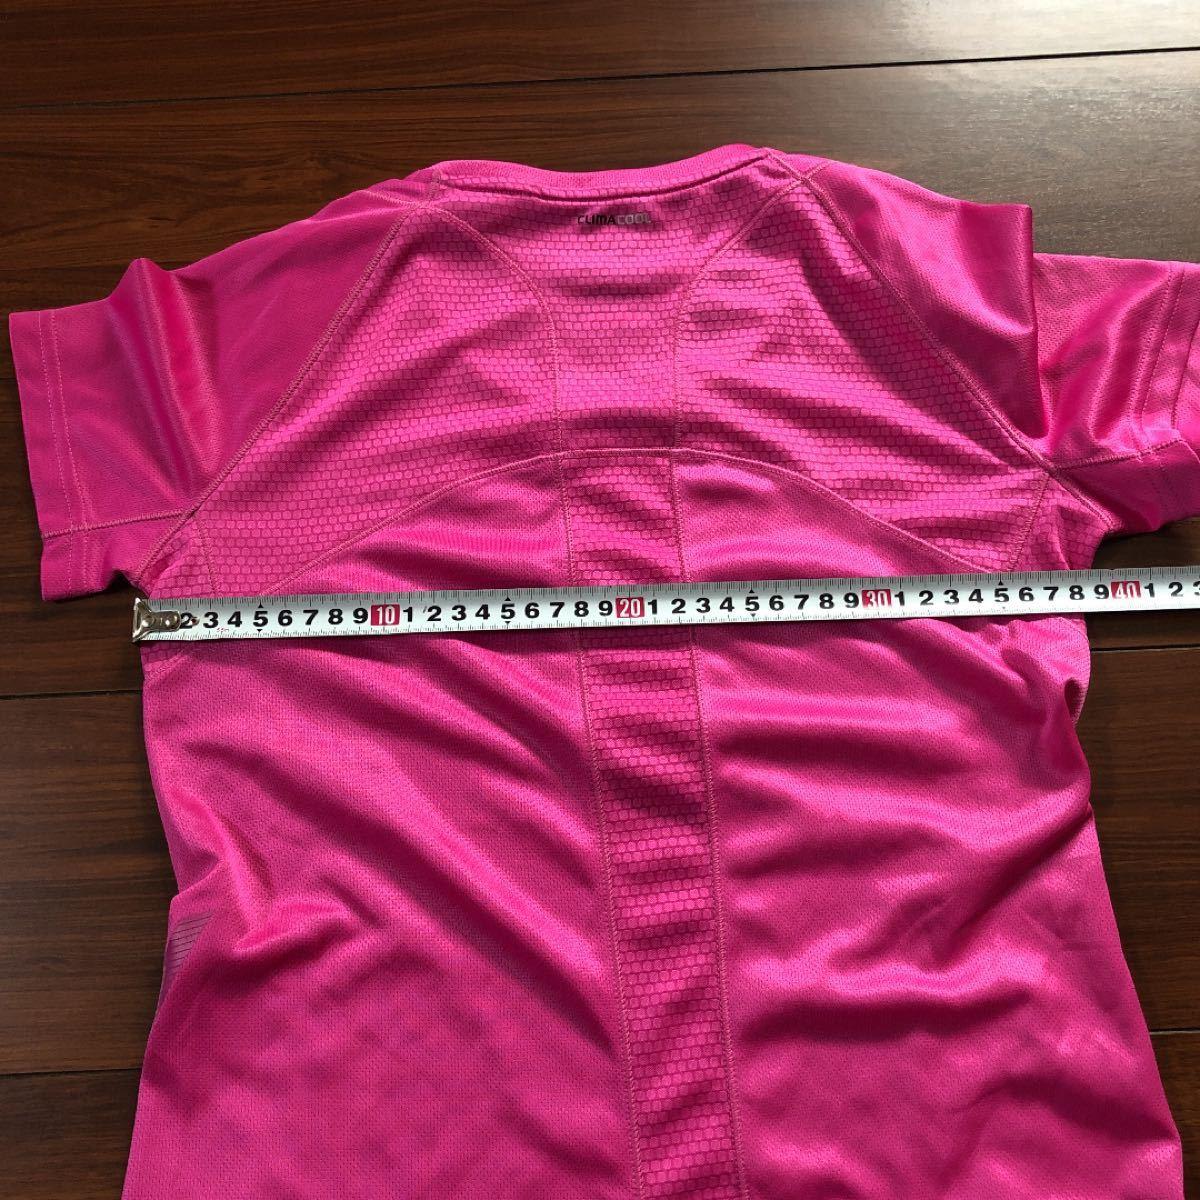 アディダス ドライTシャツ 2枚 ランニングシャツ レディースM